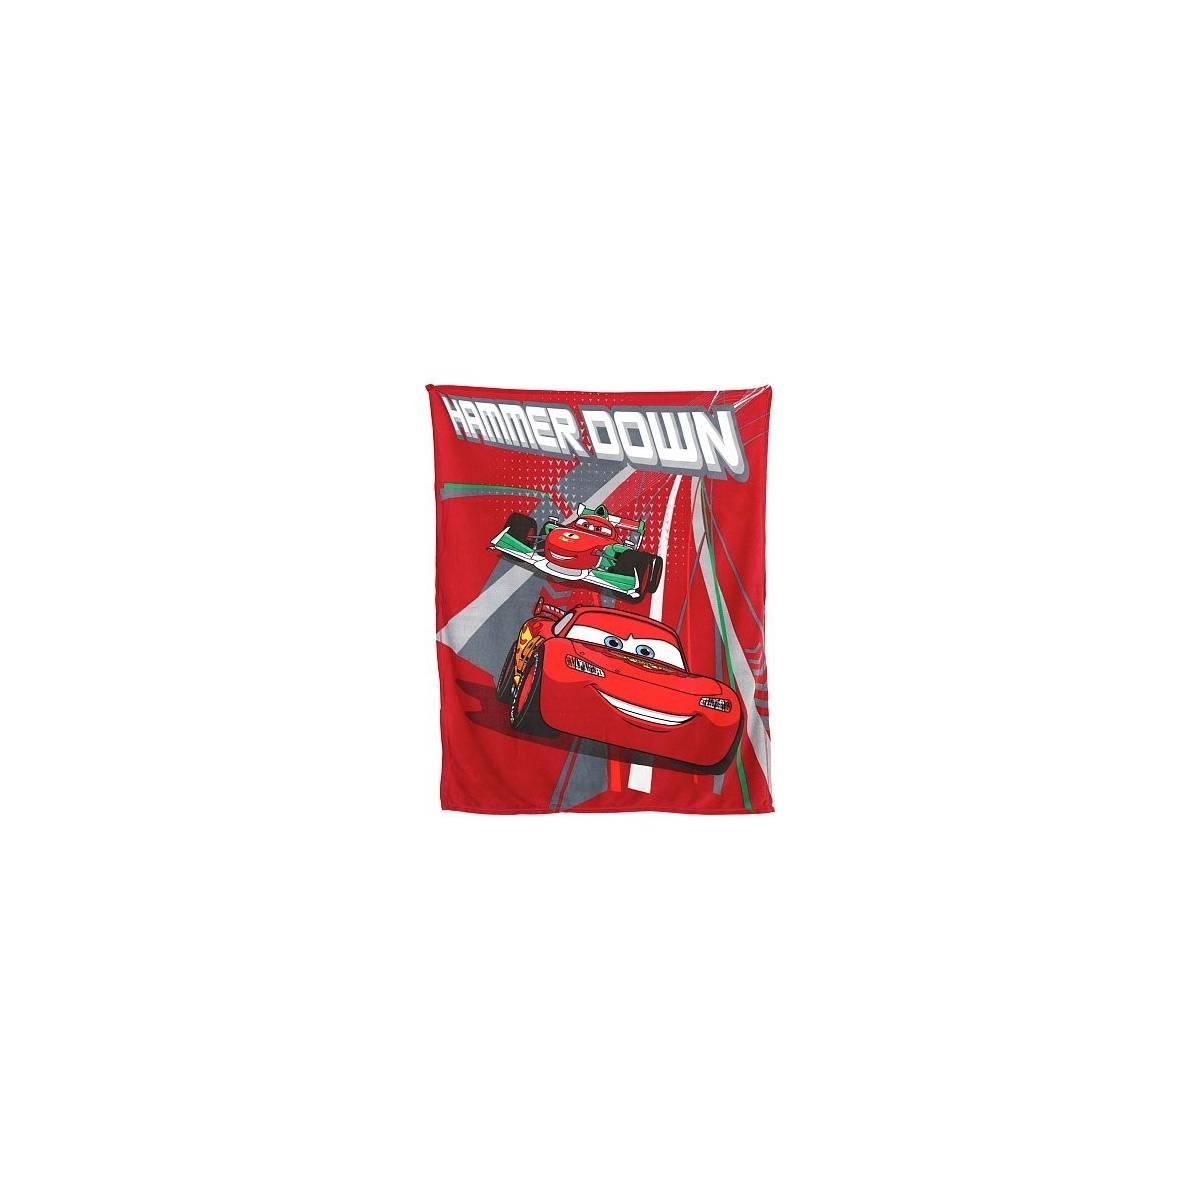 Cars Flash McQueen - Plaid Couverture Polaire Enfant - 120 x 150 cm